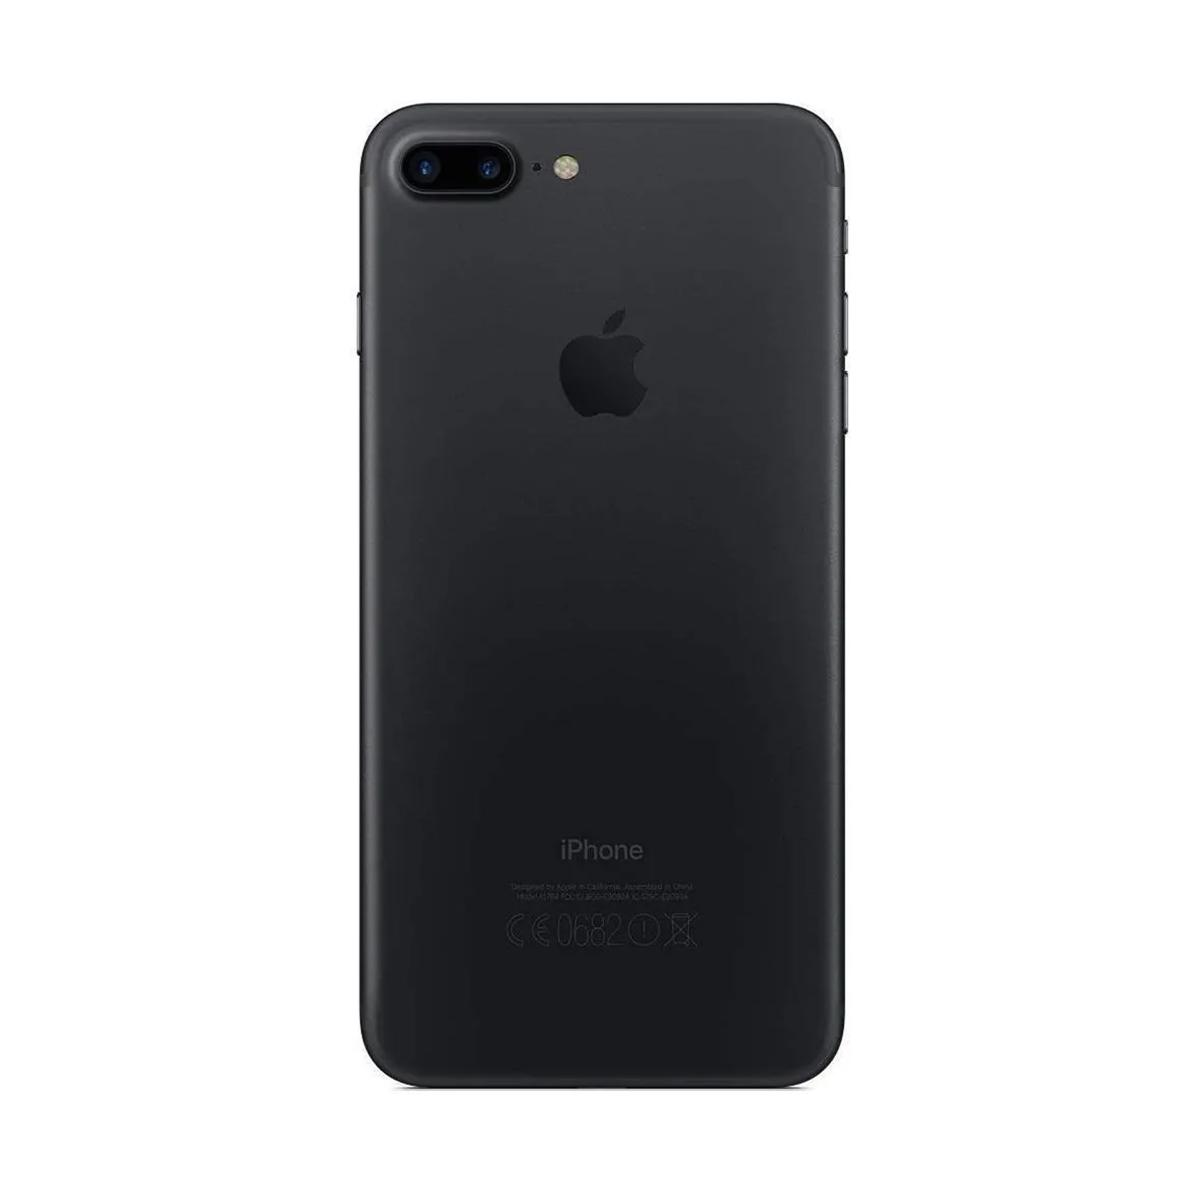 Apple iPhone 7 Plus 32gb Tela 5.5' 4g 12mp (Seminovo)